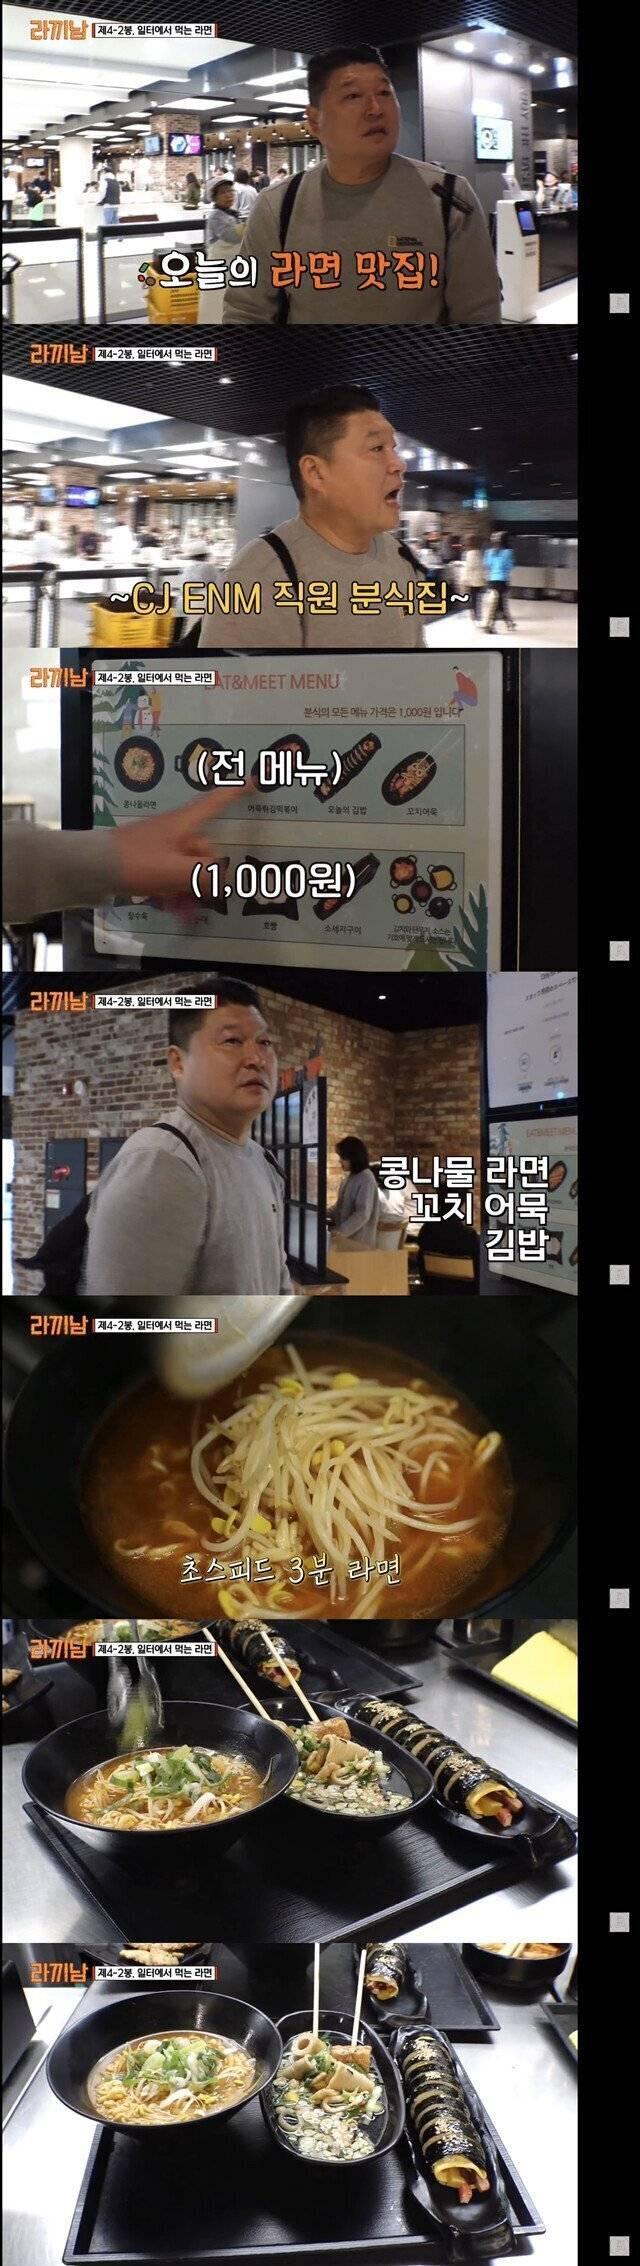 가성비 개쩌는 tvn 구내 식당 ㄷㄷㄷ | 인스티즈